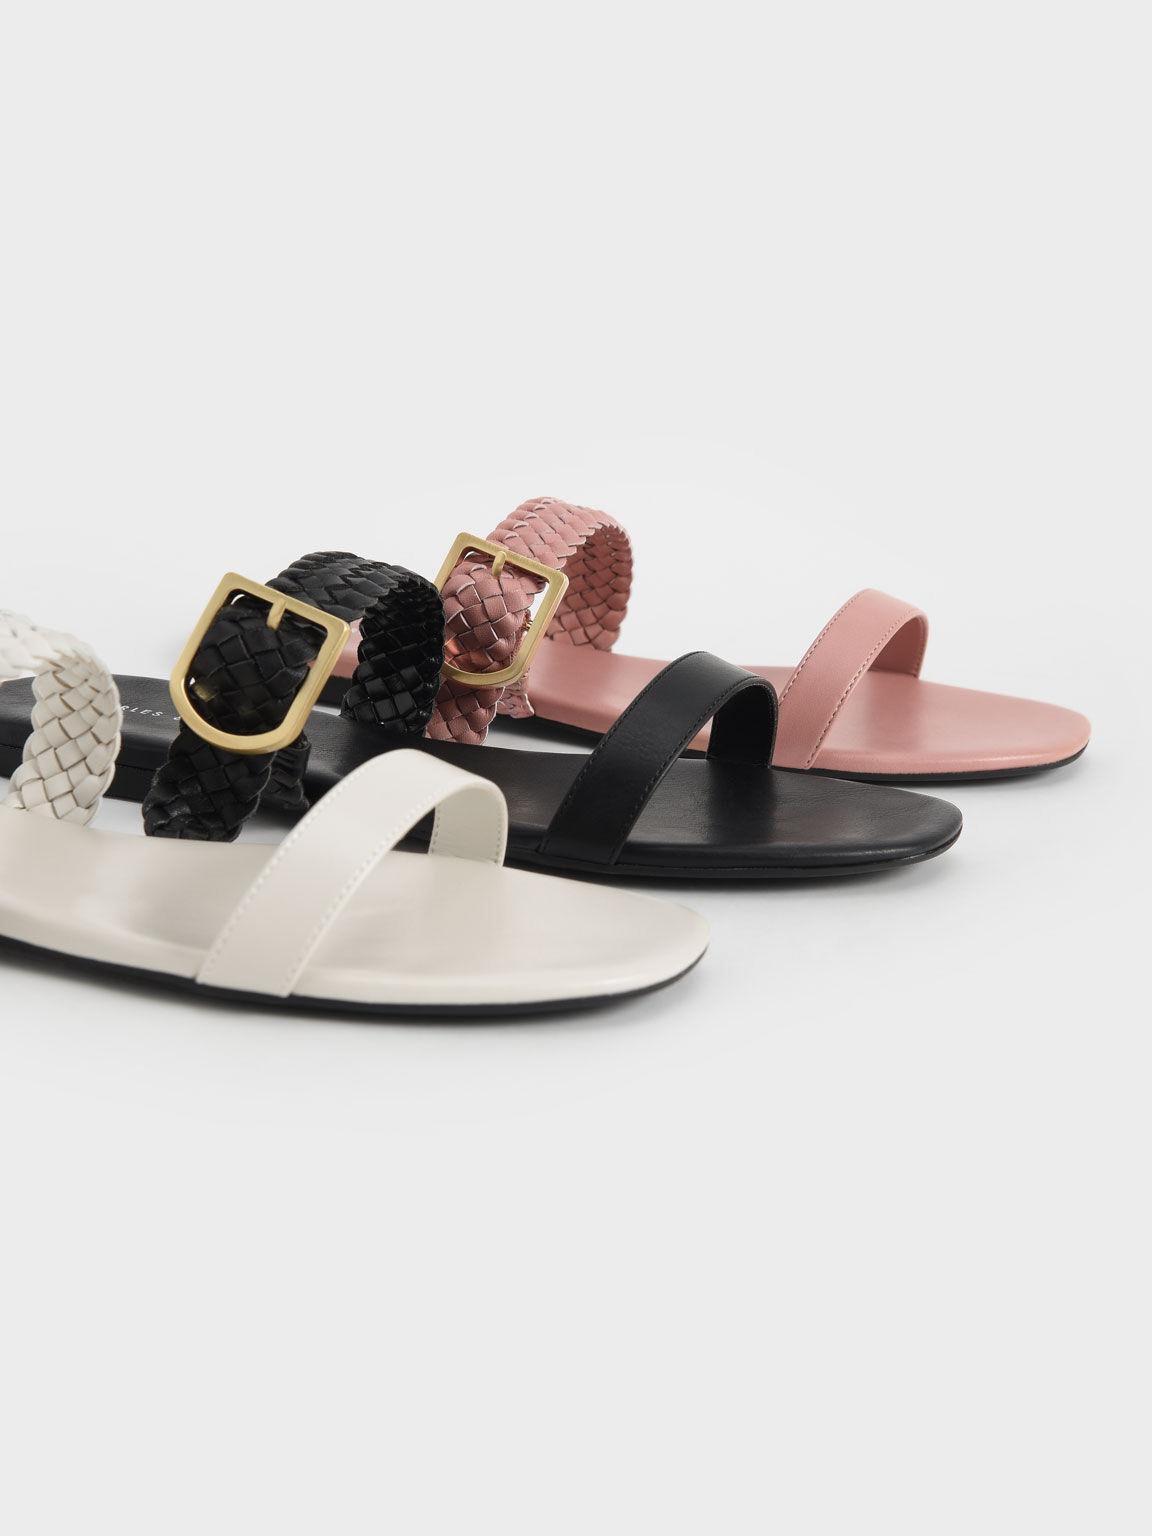 Woven Strap Slide Sandals, Pink, hi-res